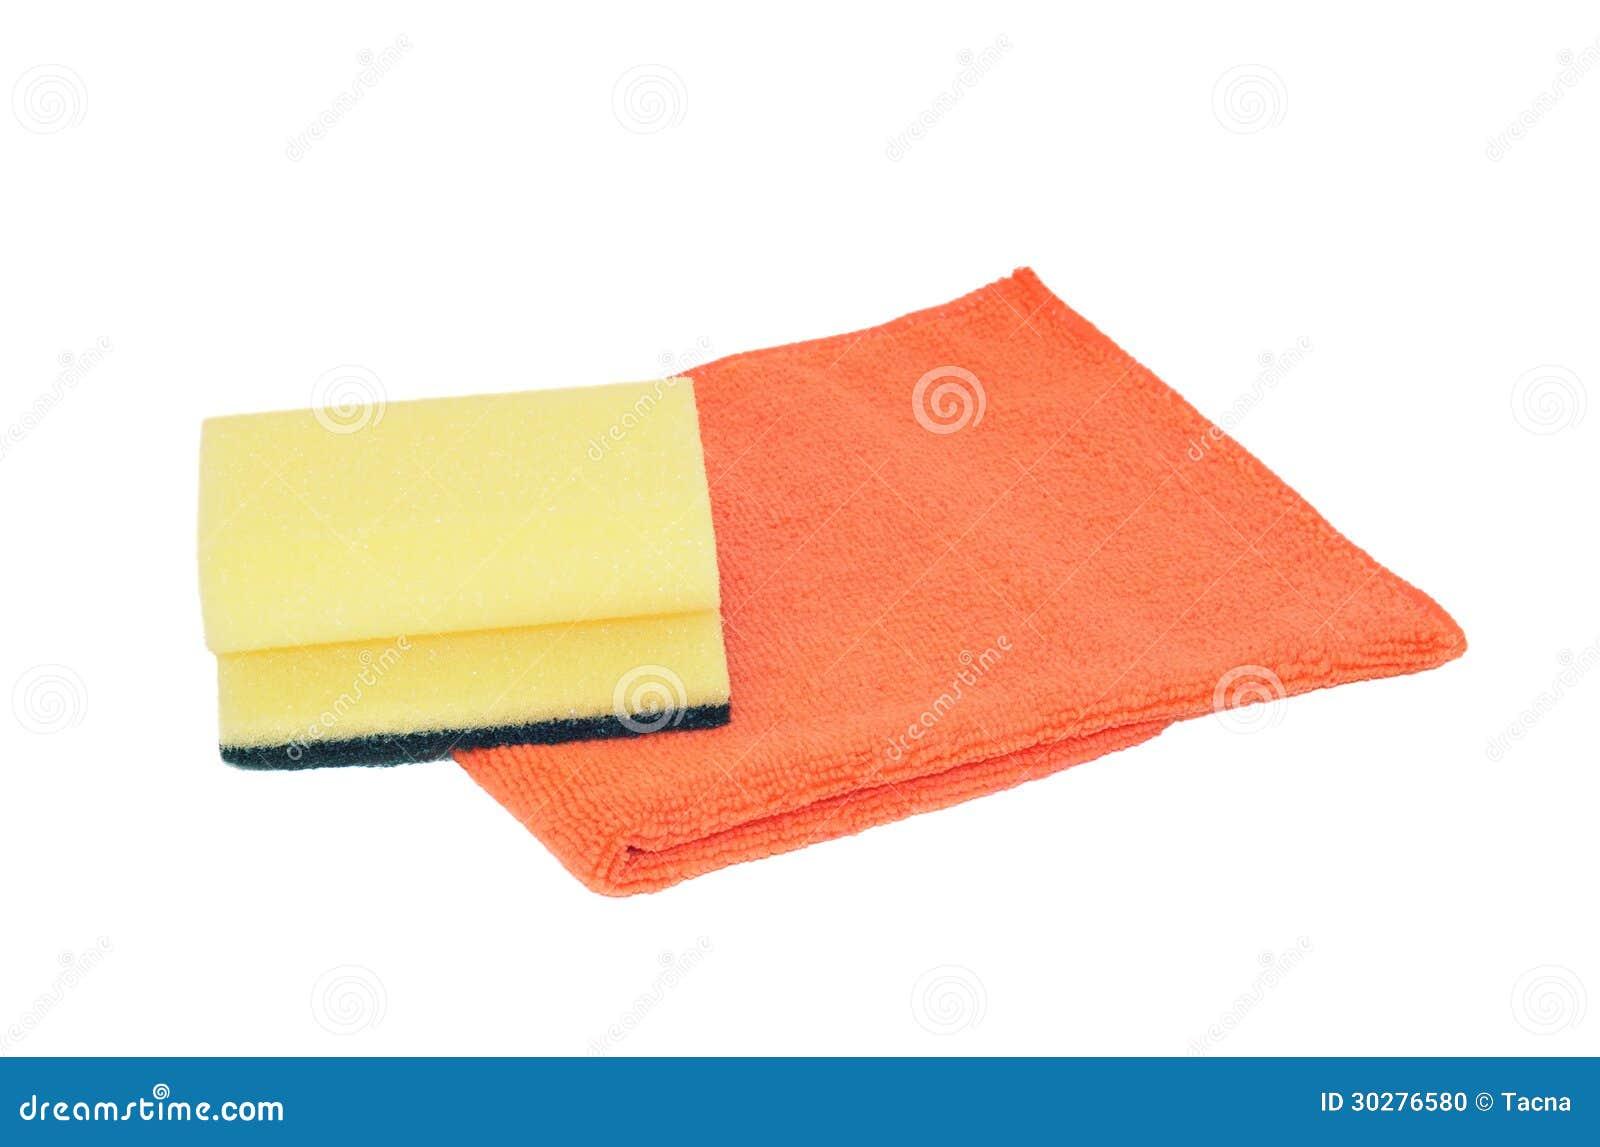 海绵和microfiber餐巾